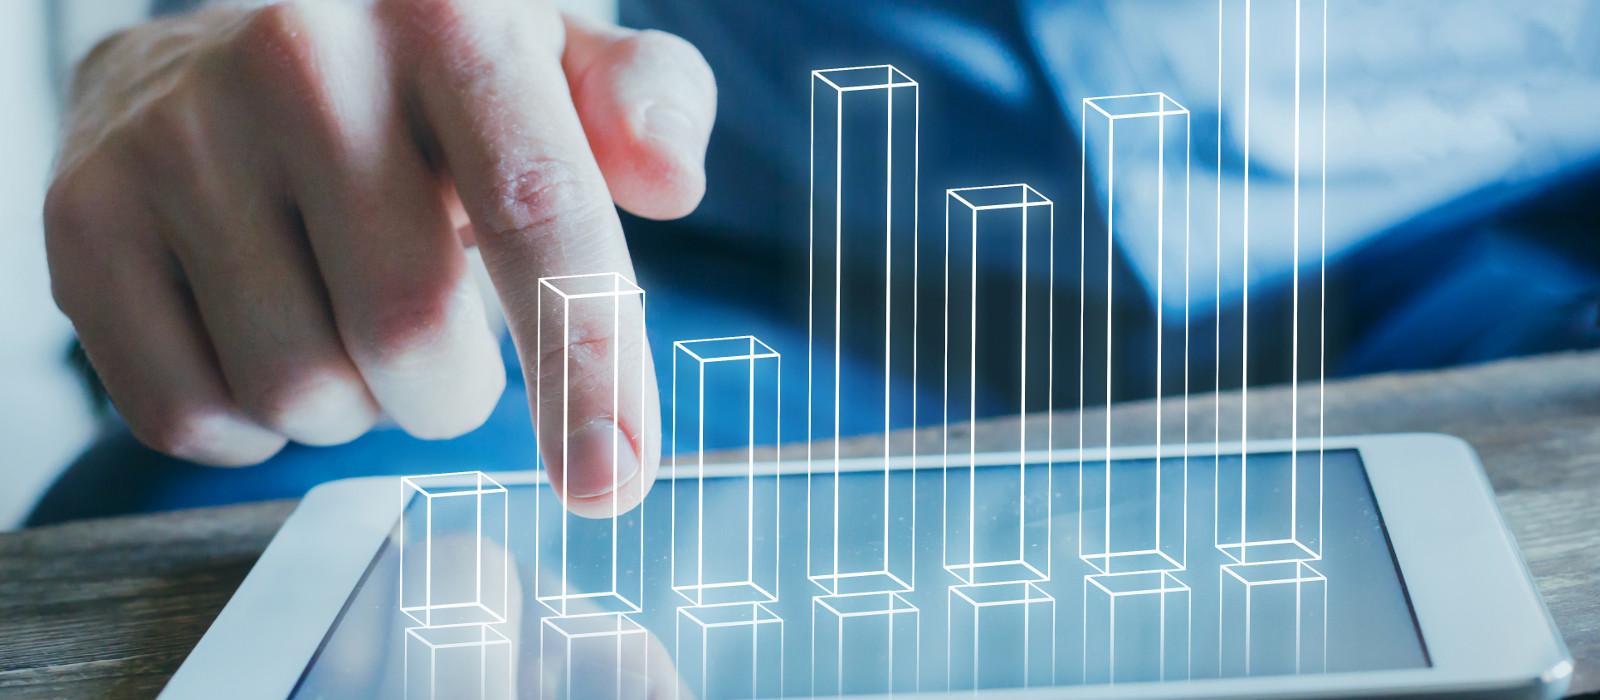 Potenciamos los resultados de su negocio a través de la automatización de los procesos